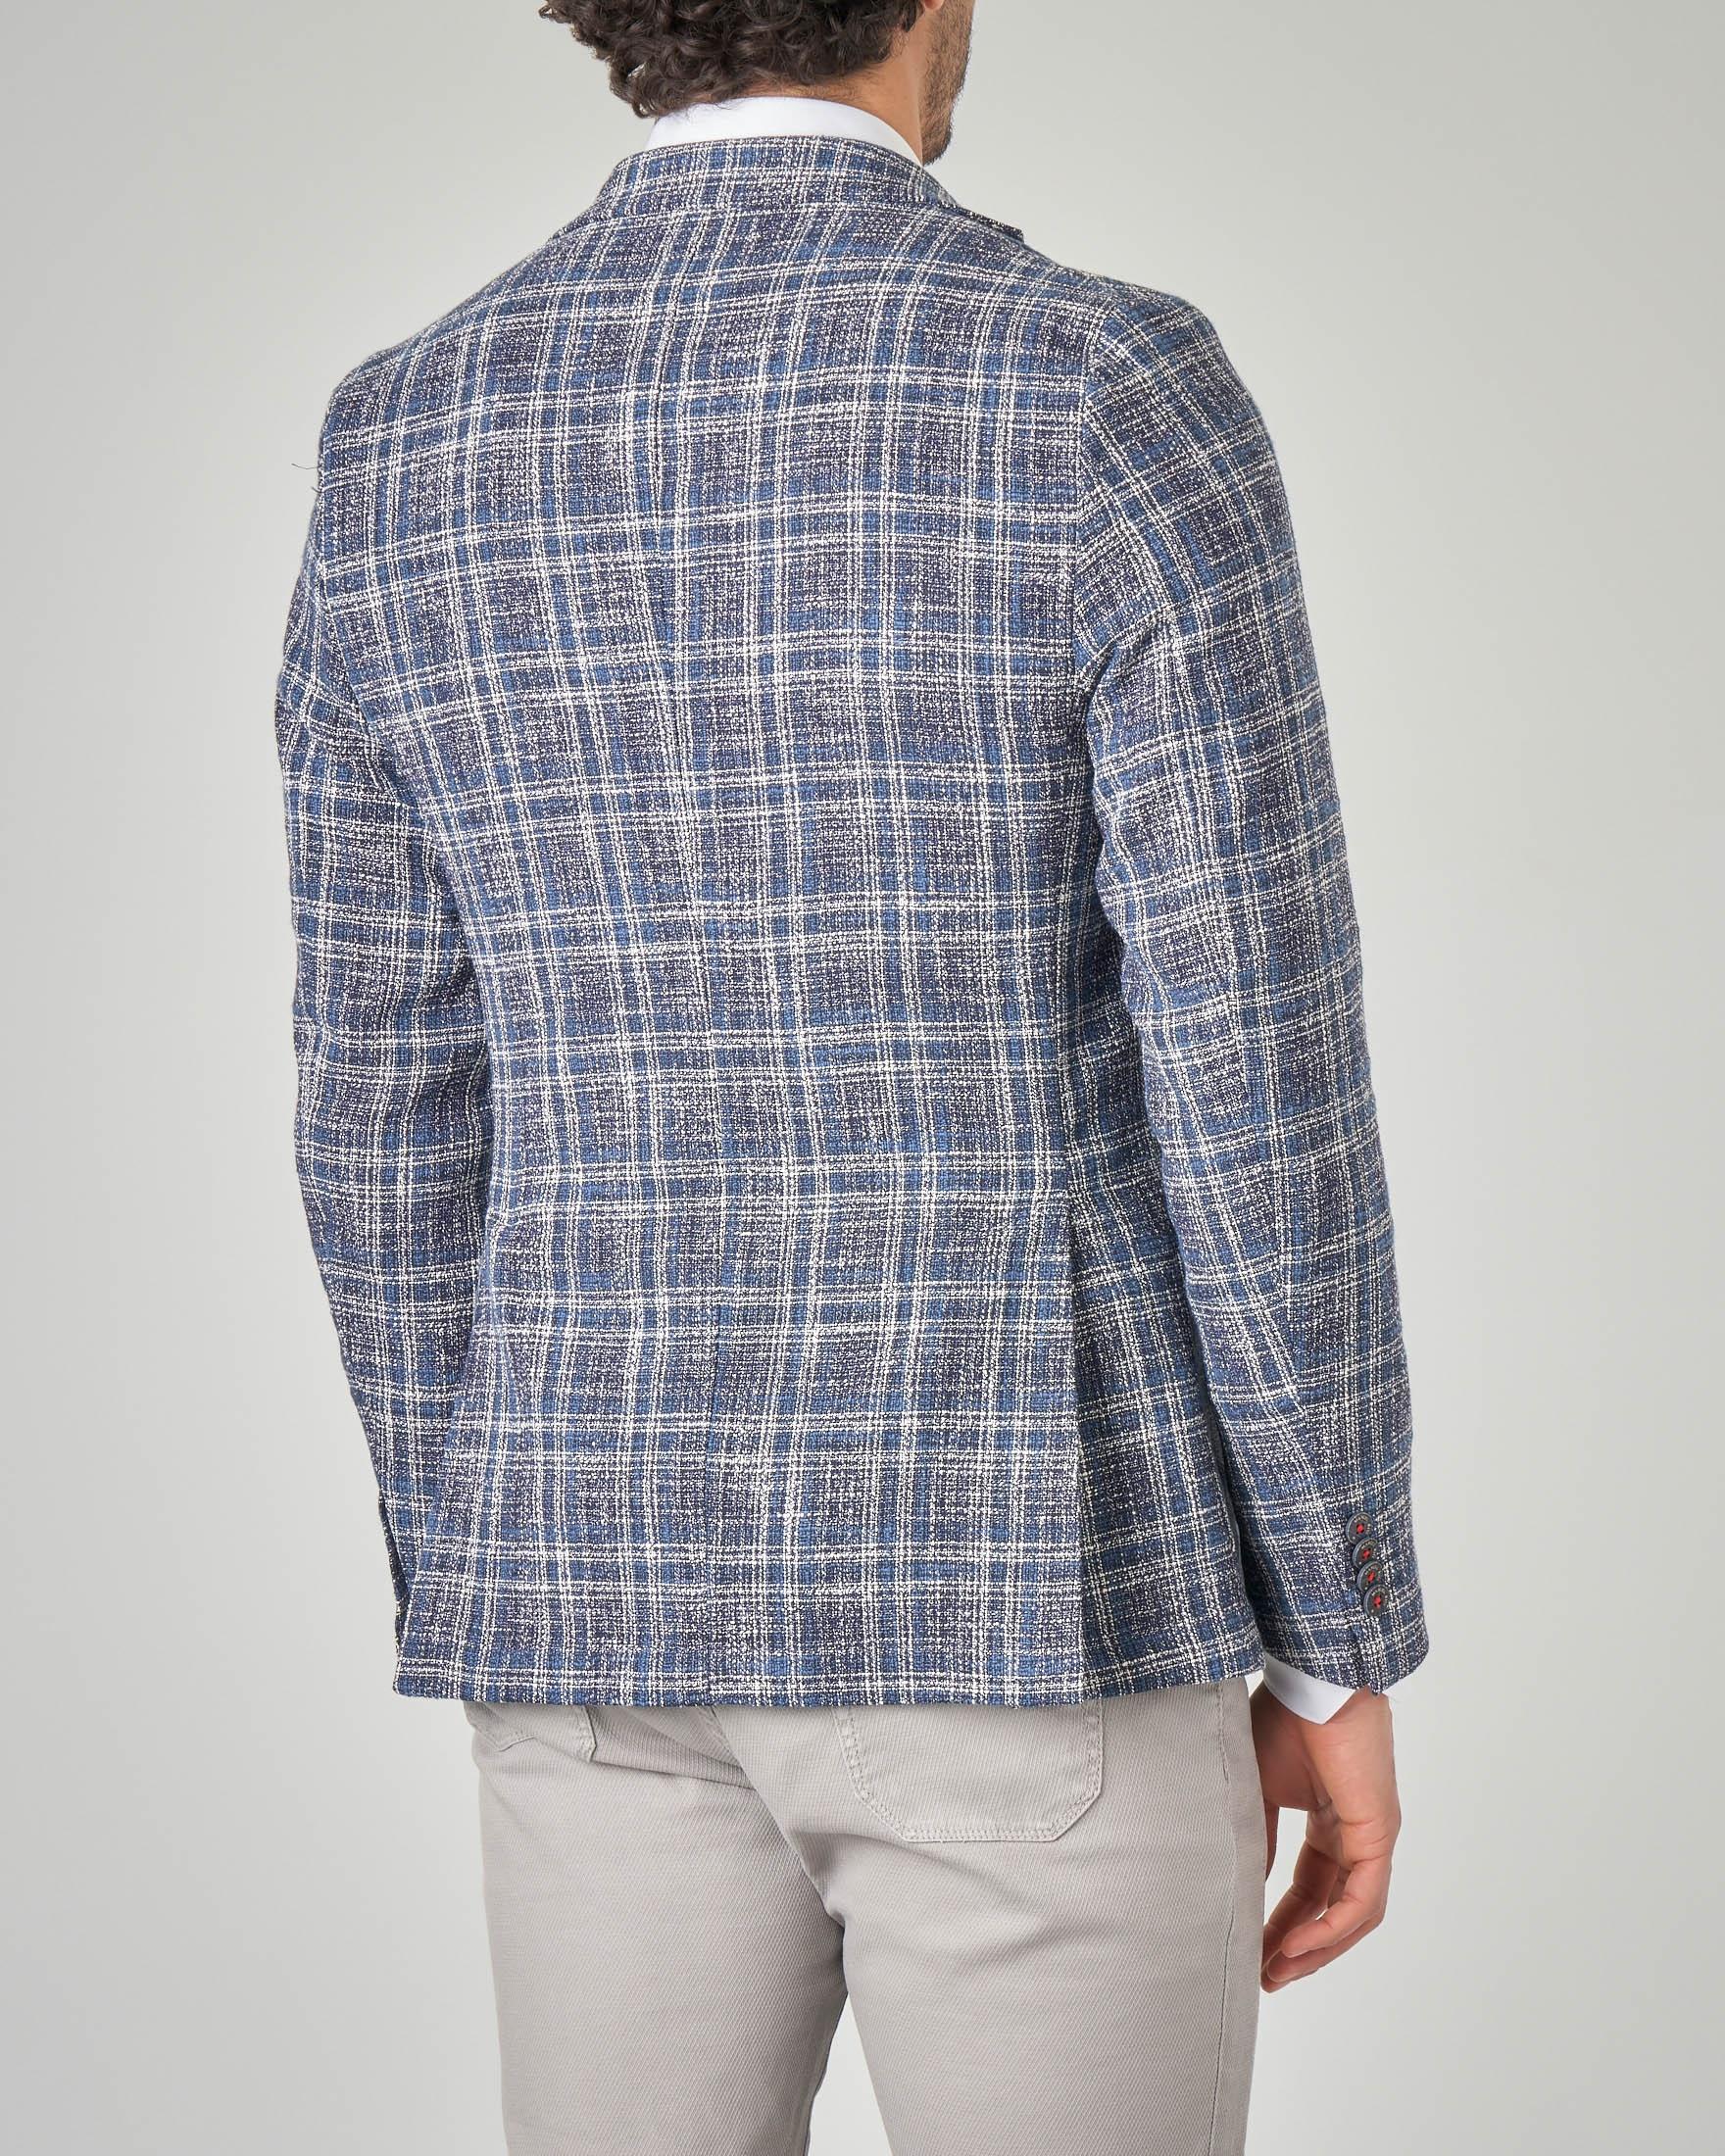 new concept ddcca 5c3af Giacca blu e bianca a quadri | Pellizzari E-commerce